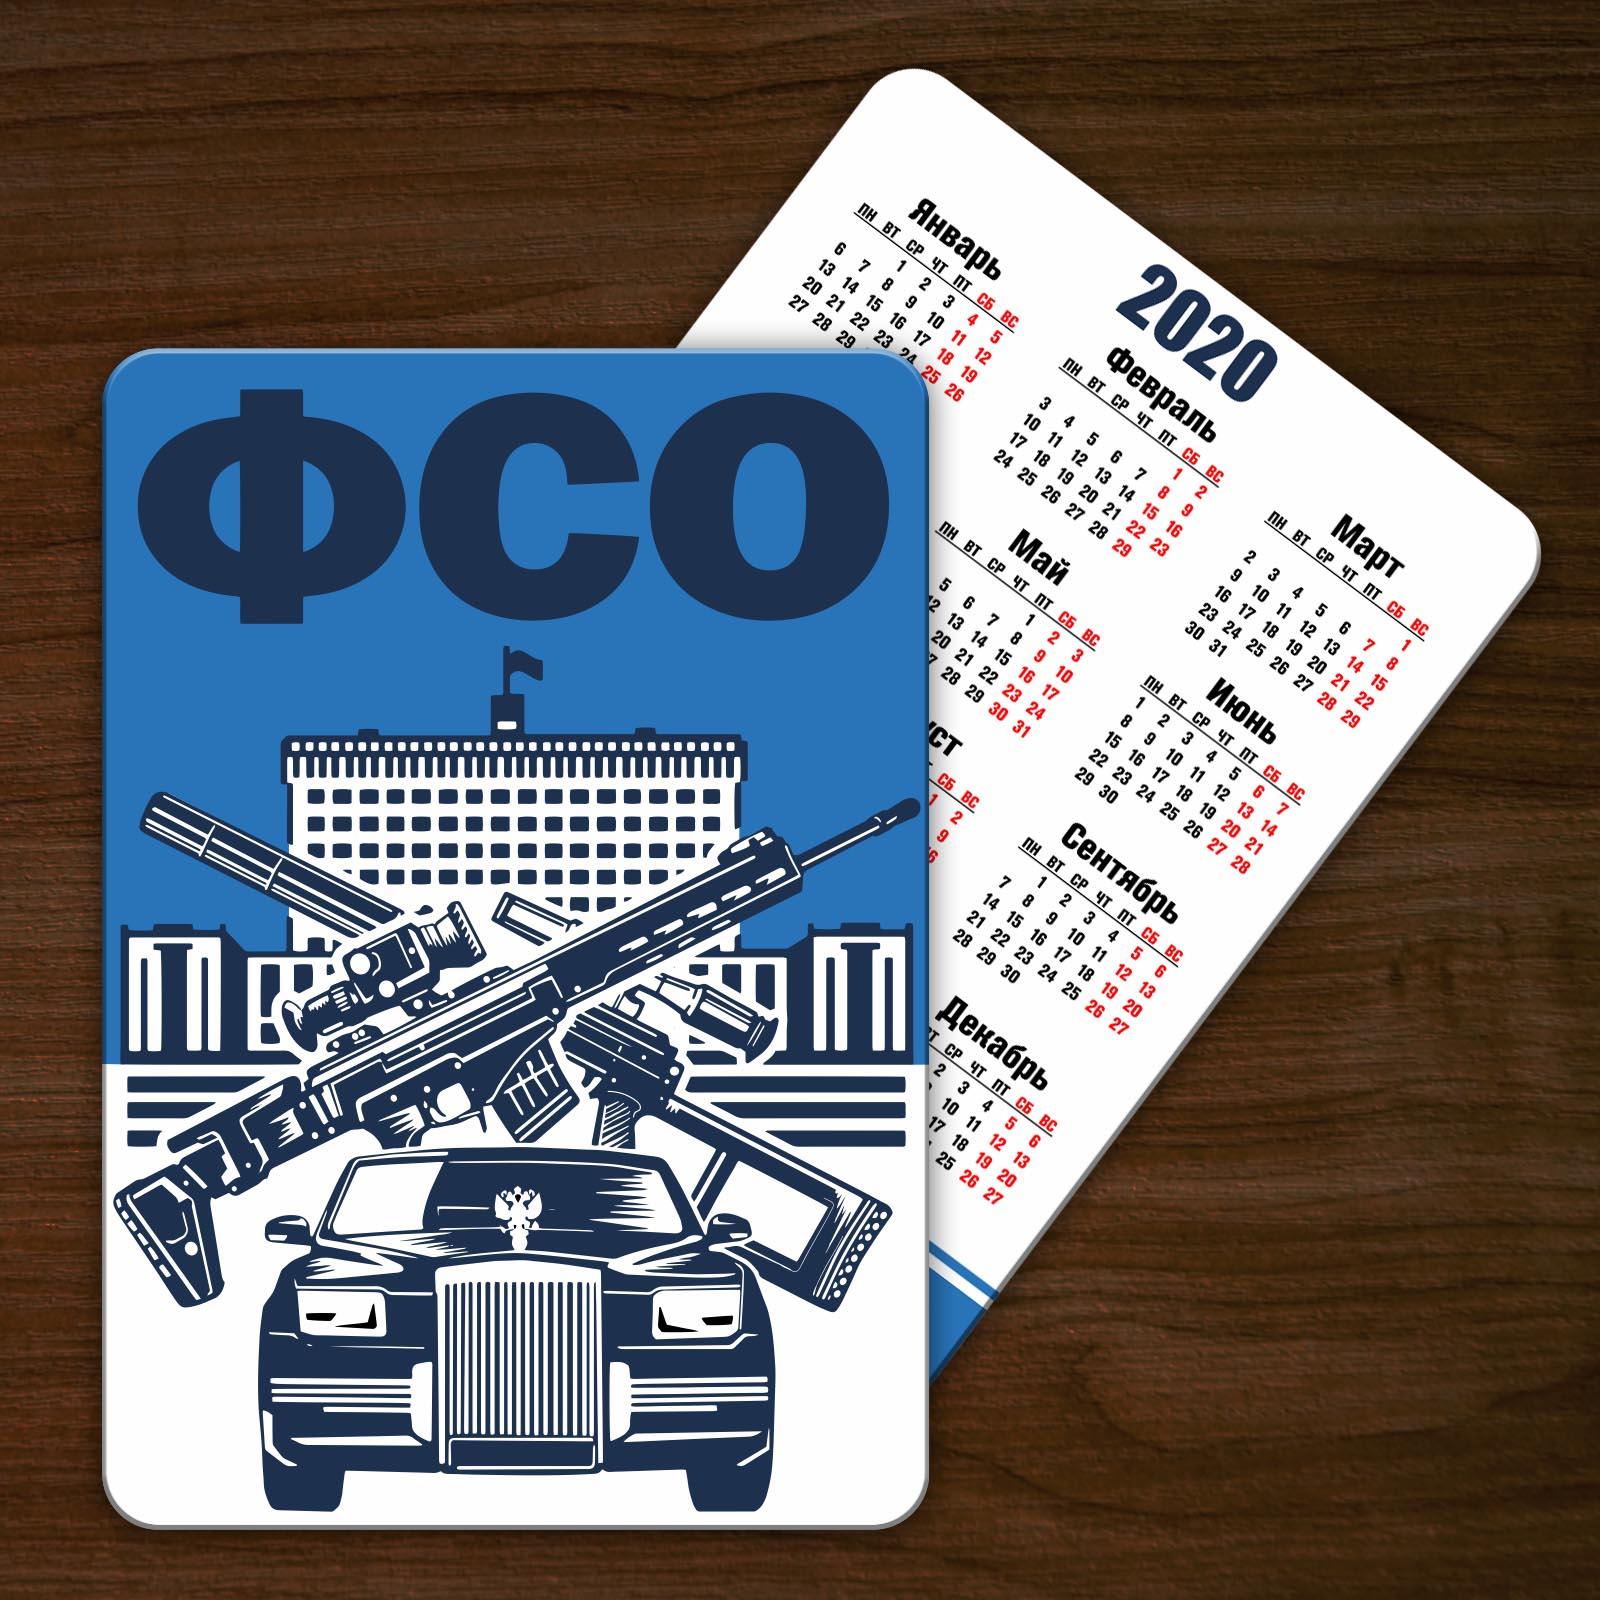 Малоформатный календарь ФСО на 2020 год